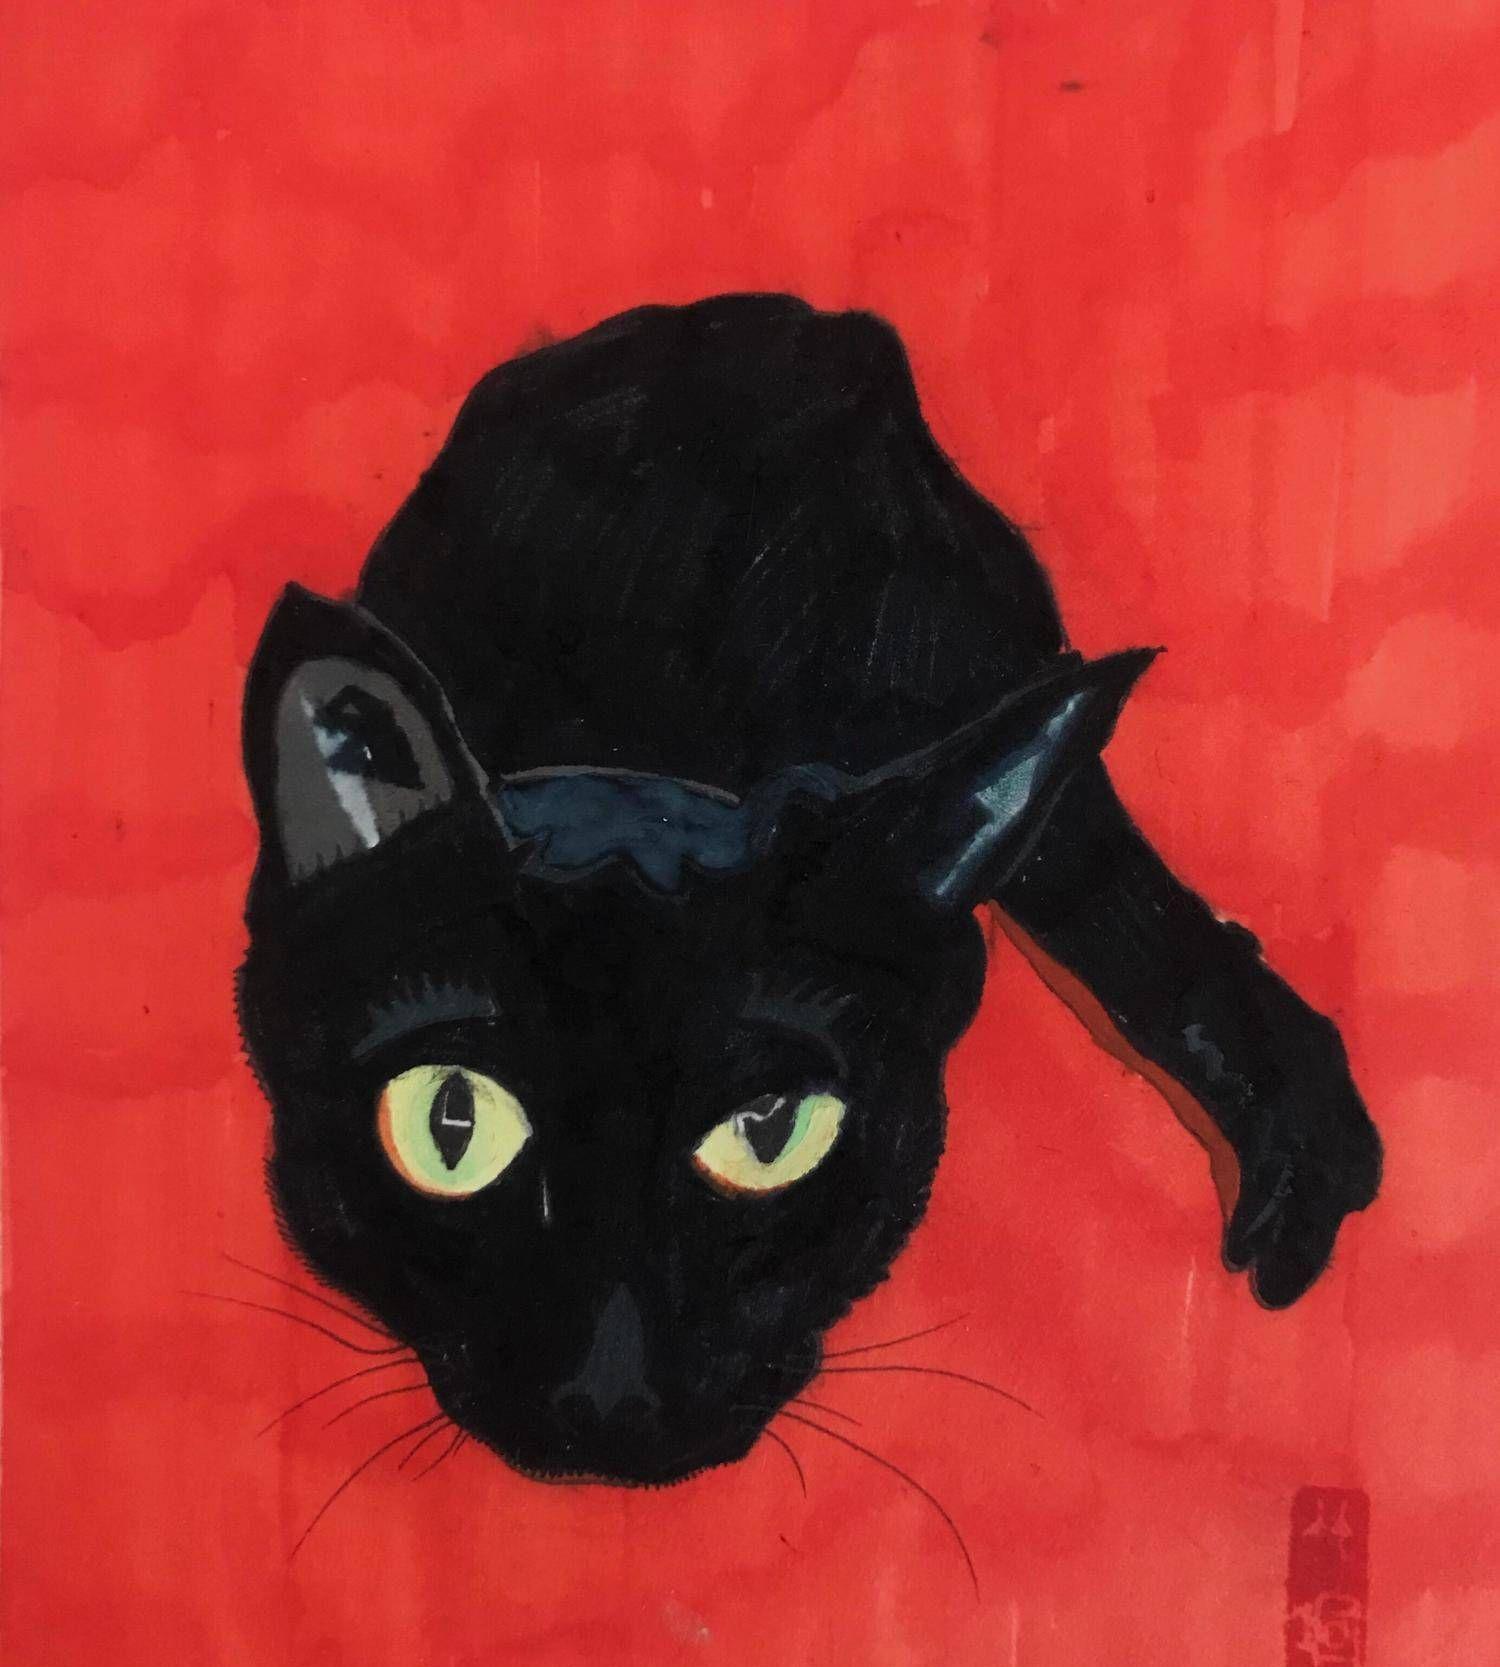 鲁迅美术学院毕业生杨竹喧关于猫的绘画作品(四)